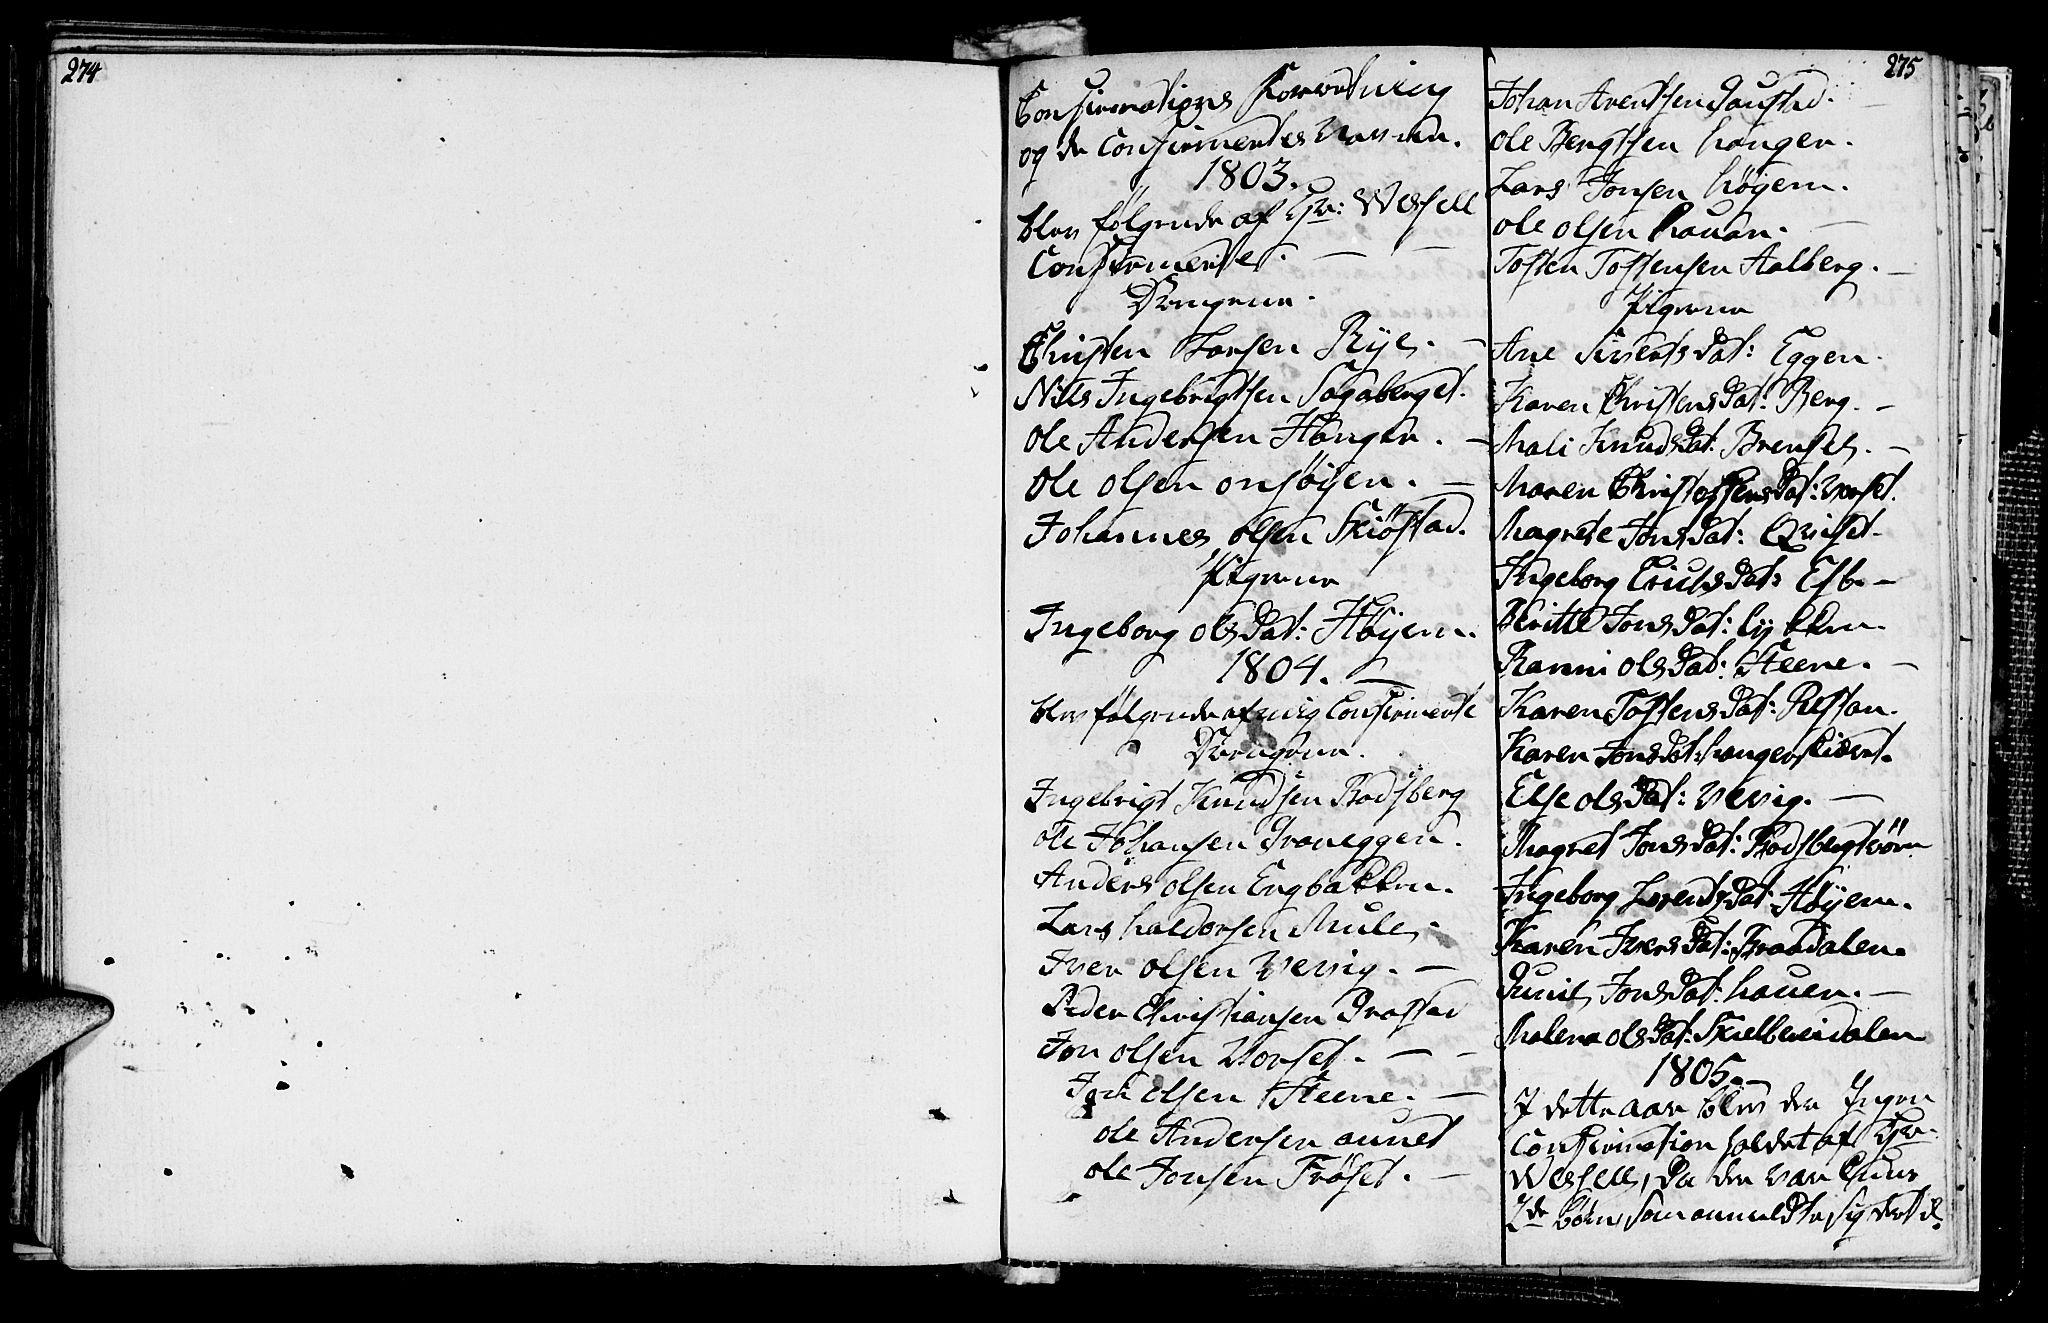 SAT, Ministerialprotokoller, klokkerbøker og fødselsregistre - Sør-Trøndelag, 612/L0371: Ministerialbok nr. 612A05, 1803-1816, s. 274-275